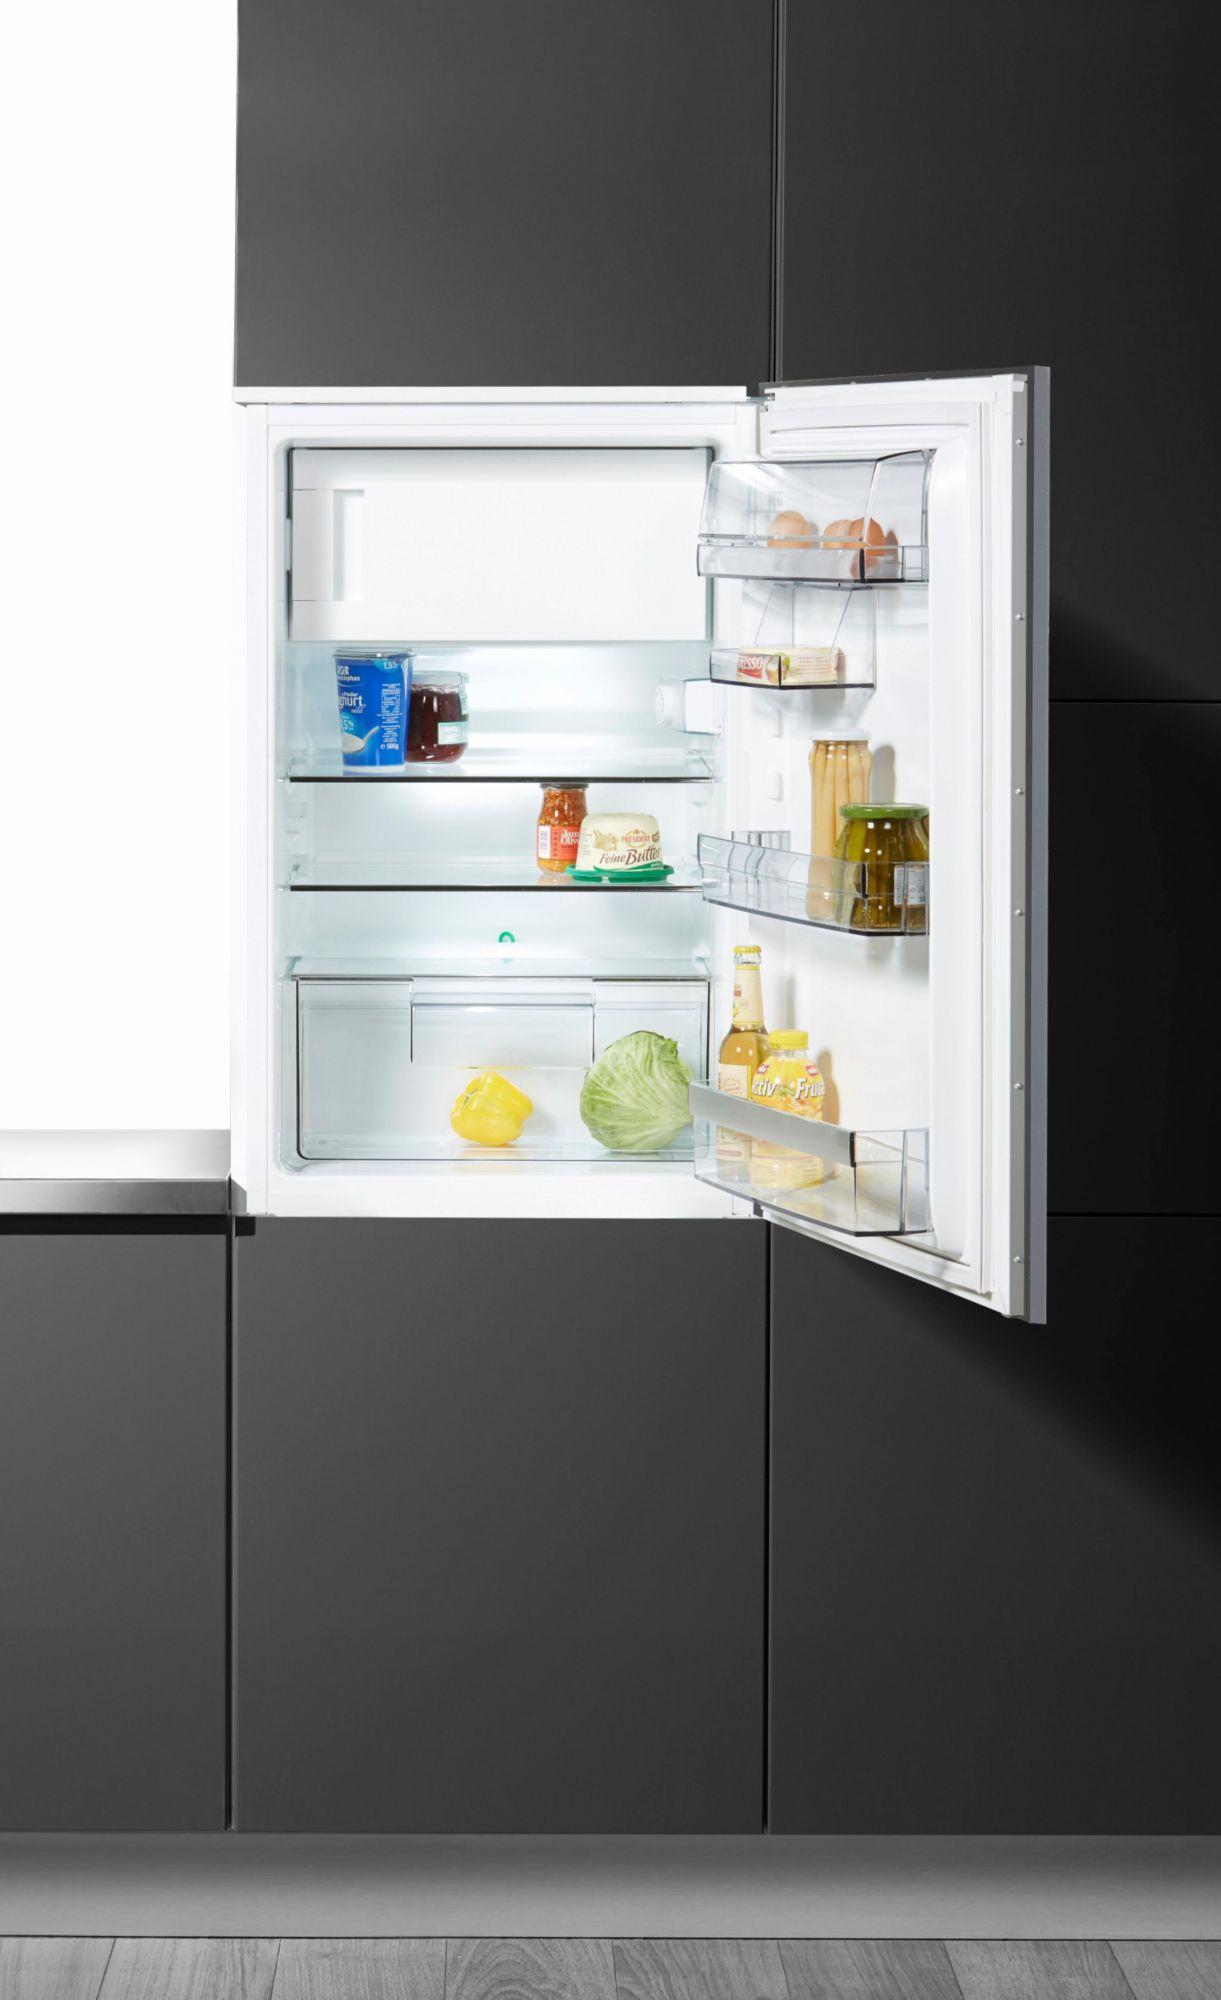 AEG Einbau-Kühlschrank SANTO SFB58831AE, A+++, 88 cm hoch | Schwab ...